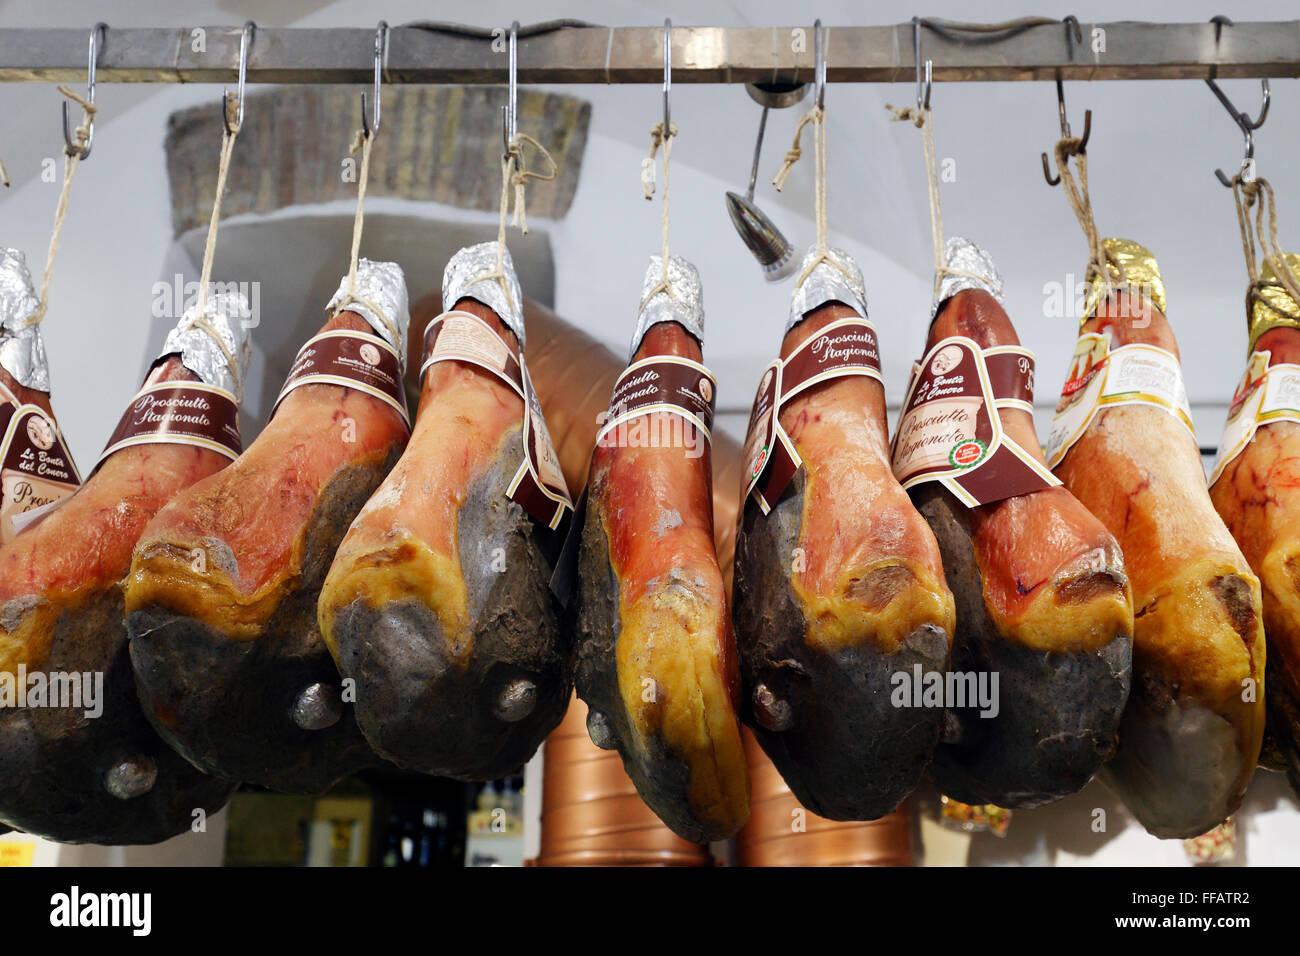 Parma hams in a deli, Rome, Italy - Stock Image